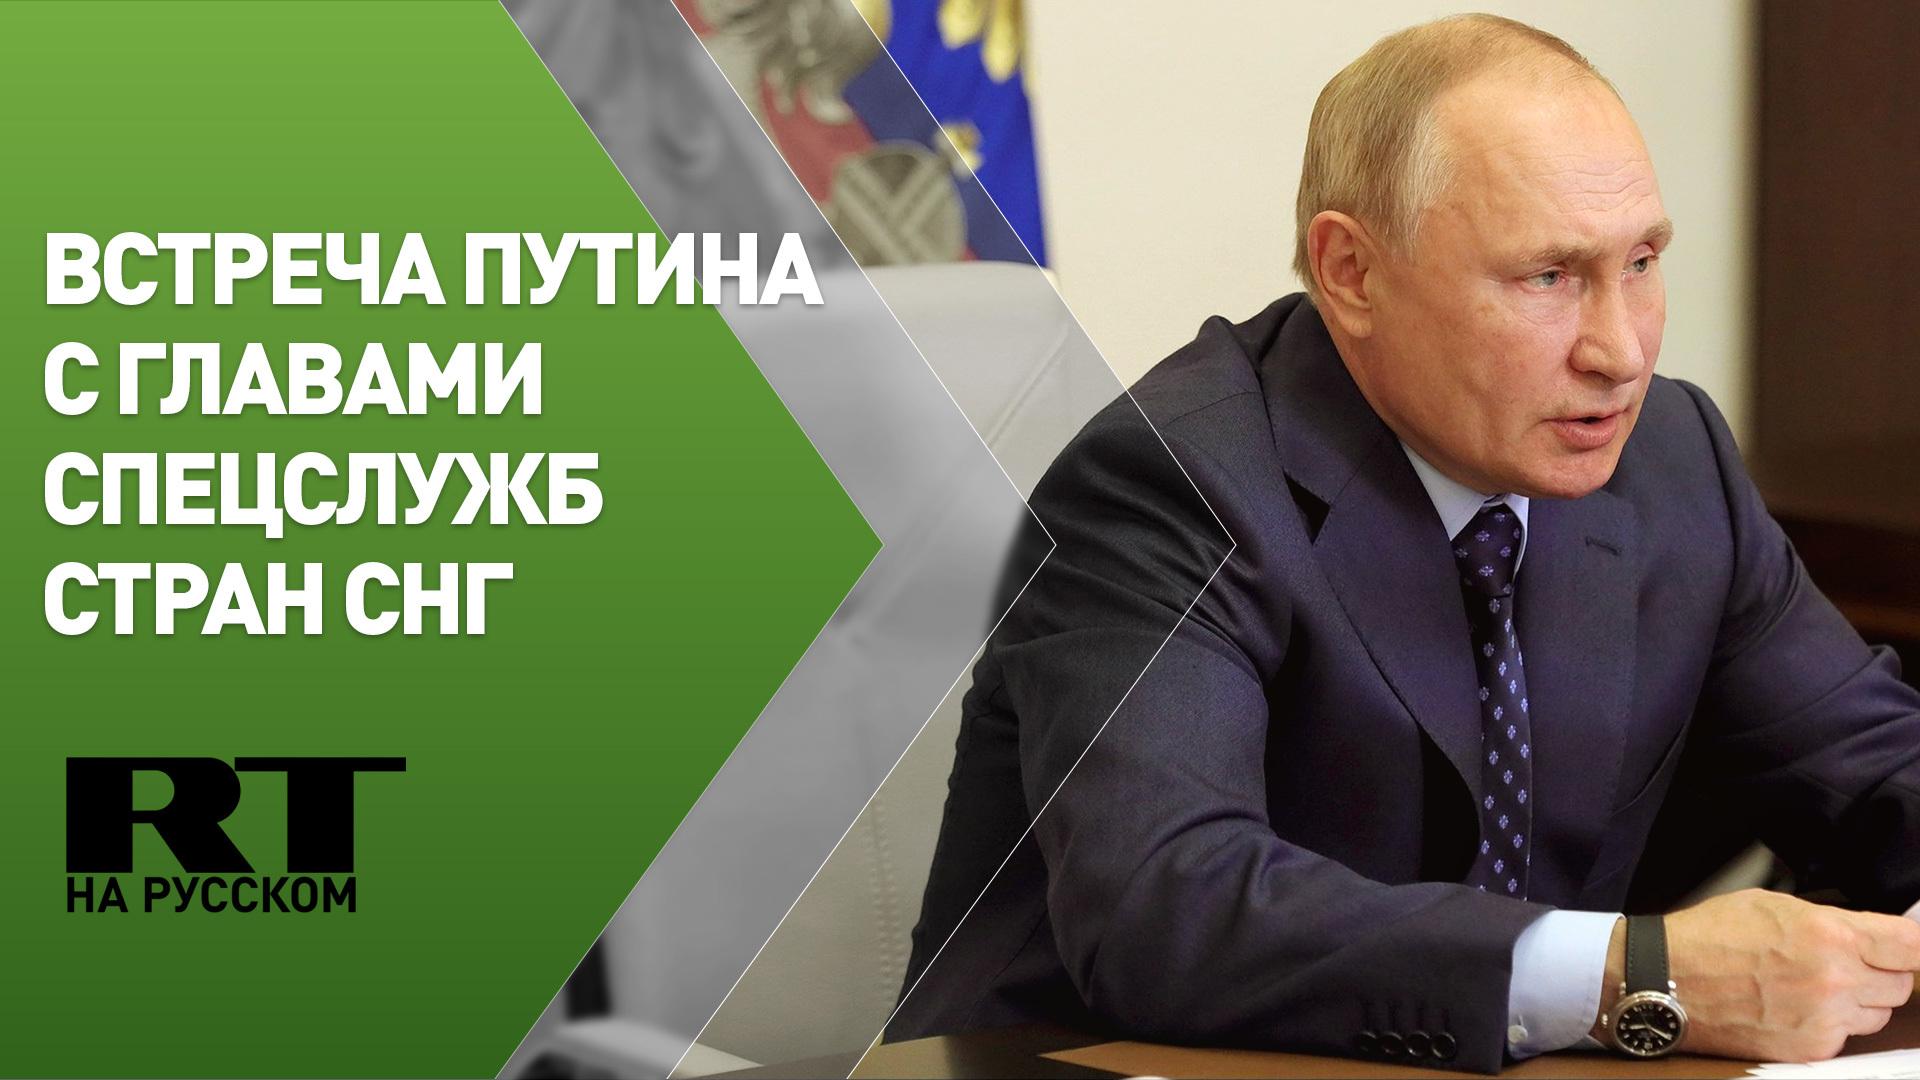 Встреча Путина с руководителями спецслужб стран СНГ